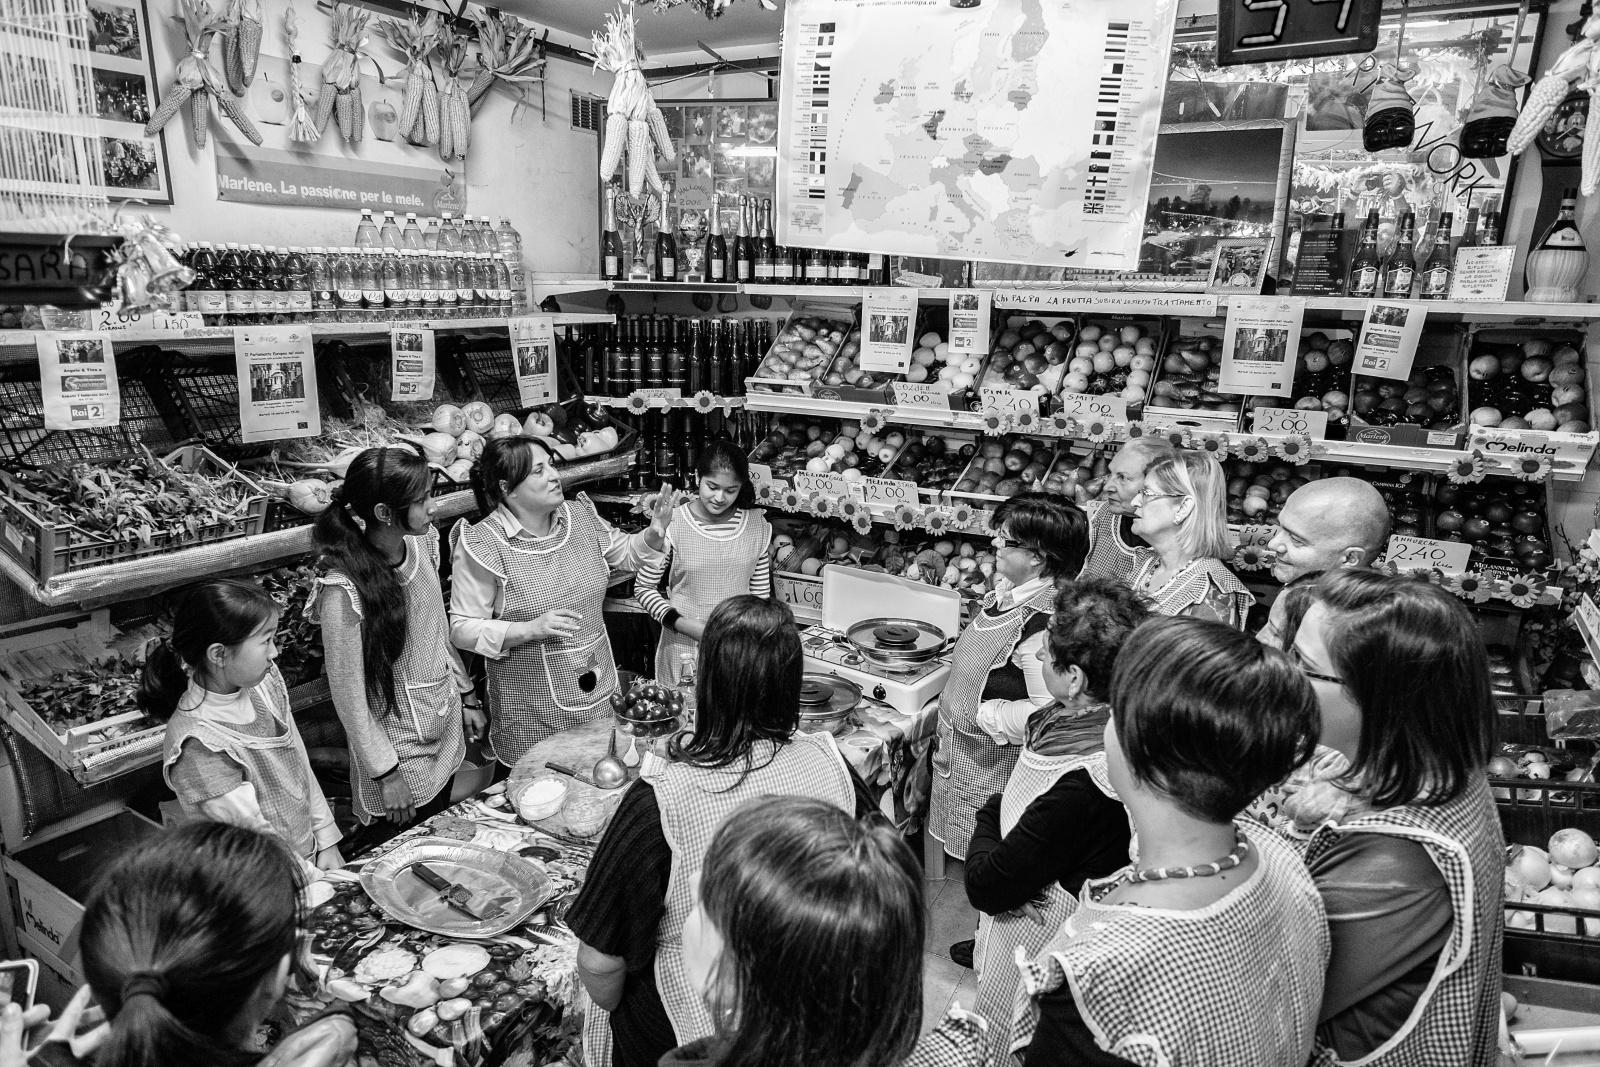 Lezione di cucina - Ortofrutta Scognamiglio - Via Lungo Gelso, quartieri Spagnoli, Napoli, 2014